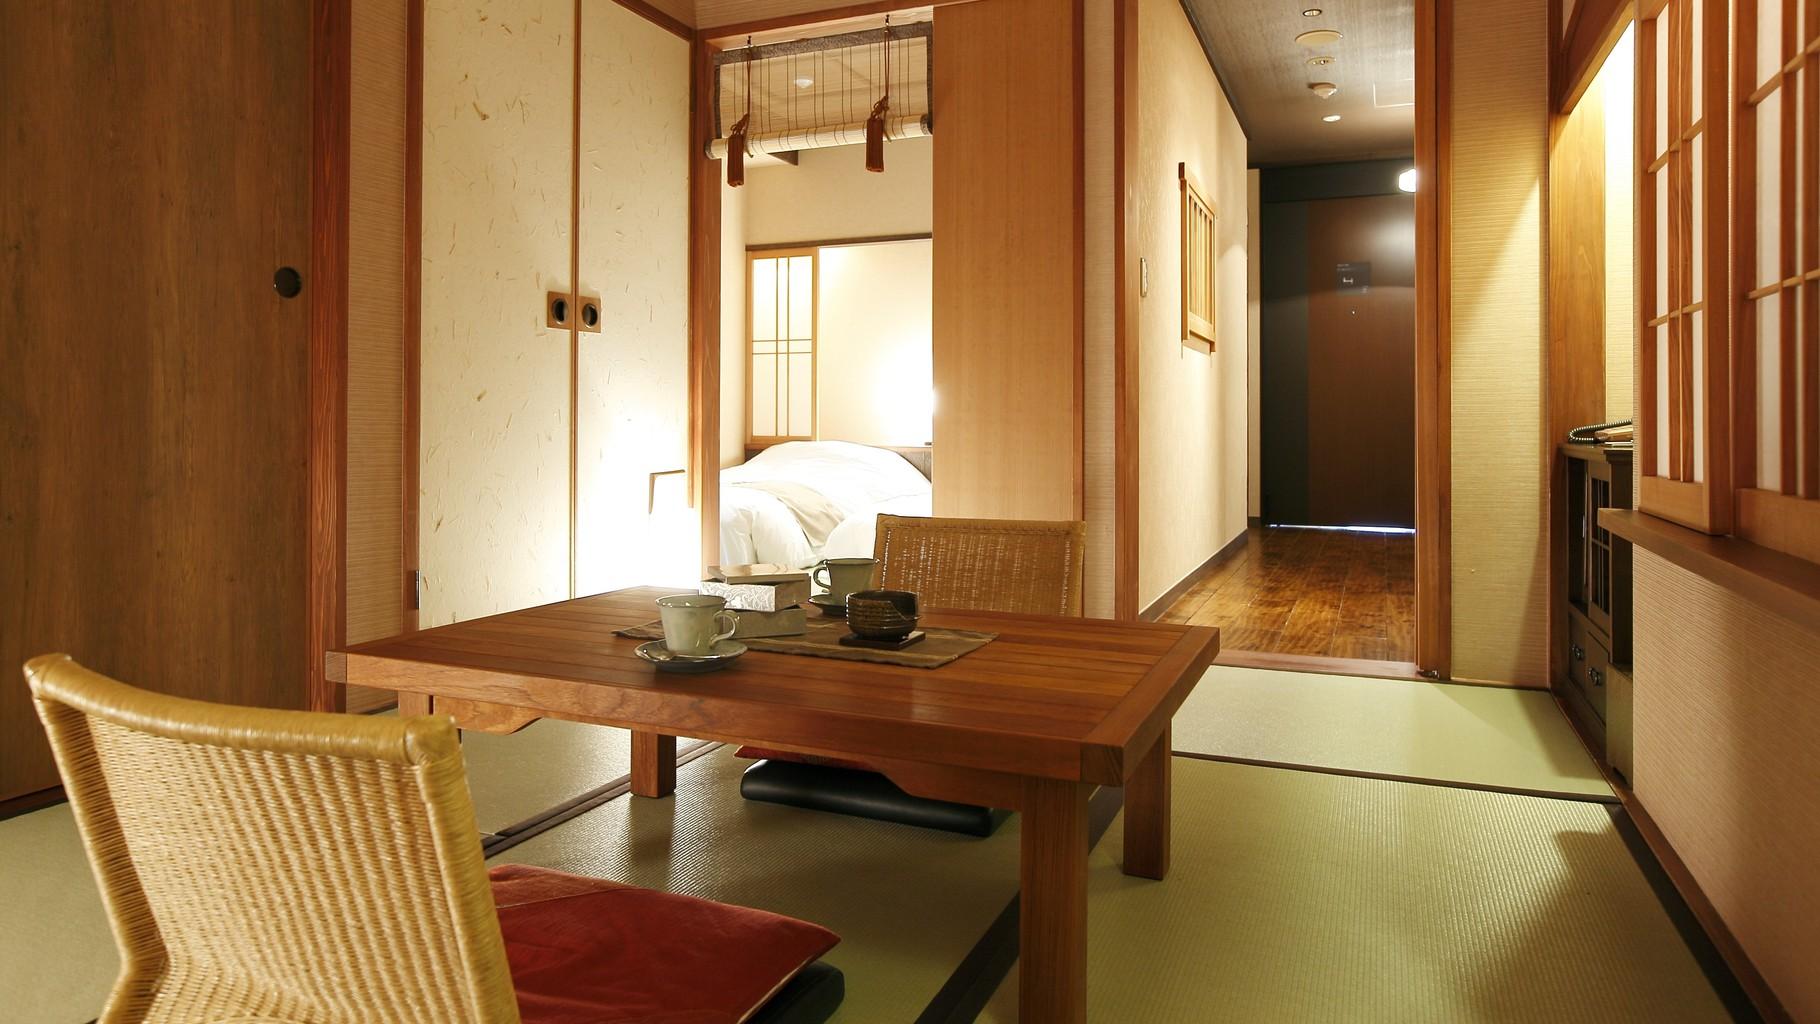 温泉露天風呂付き和洋室A36平米